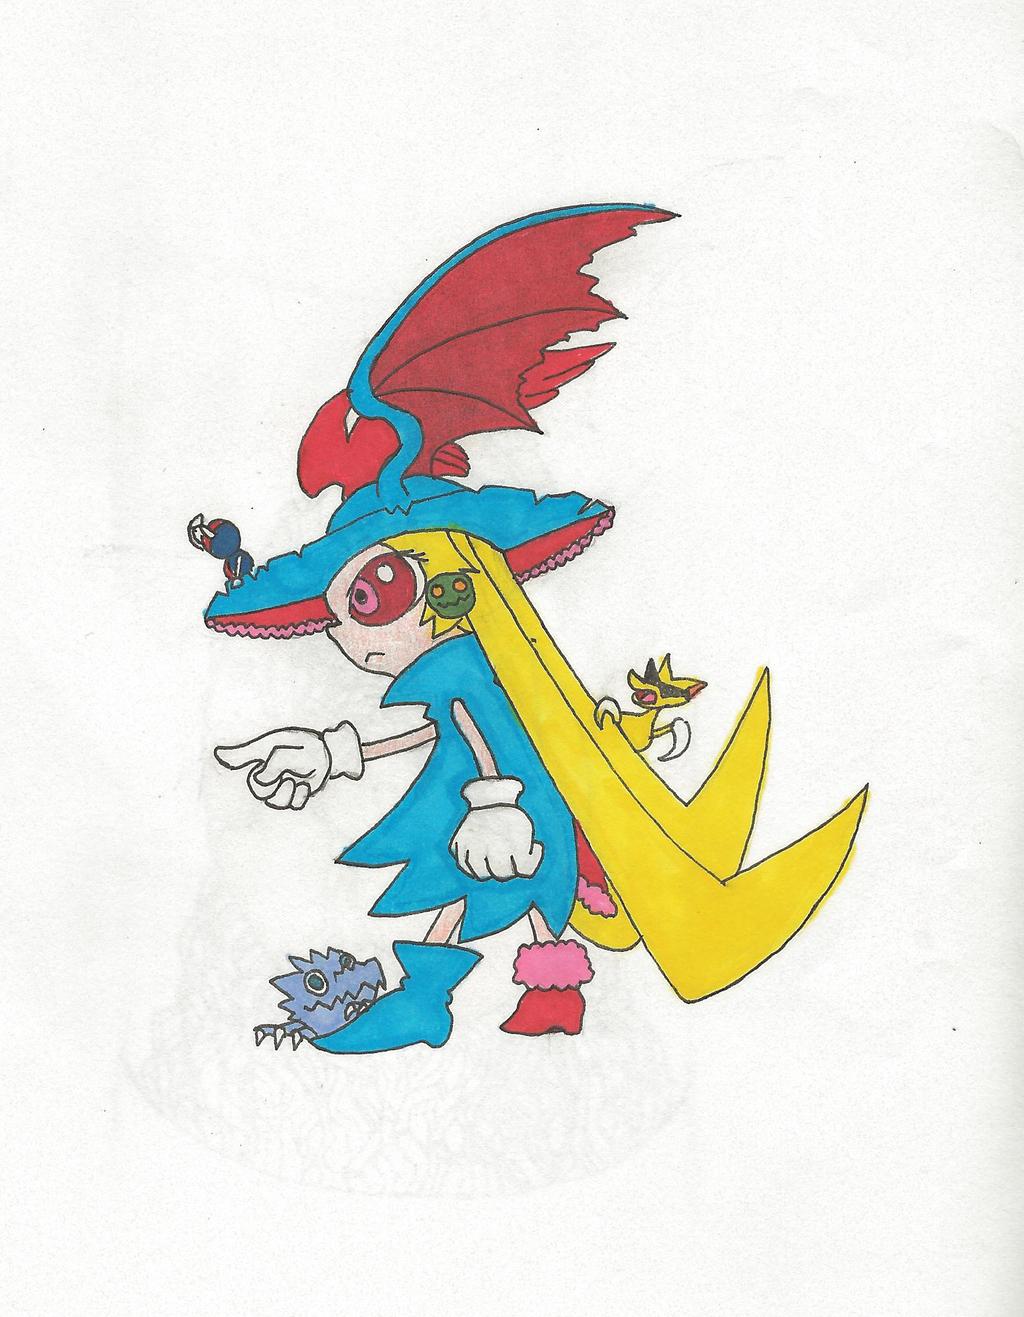 Shyna color sketch by NightBlueSky